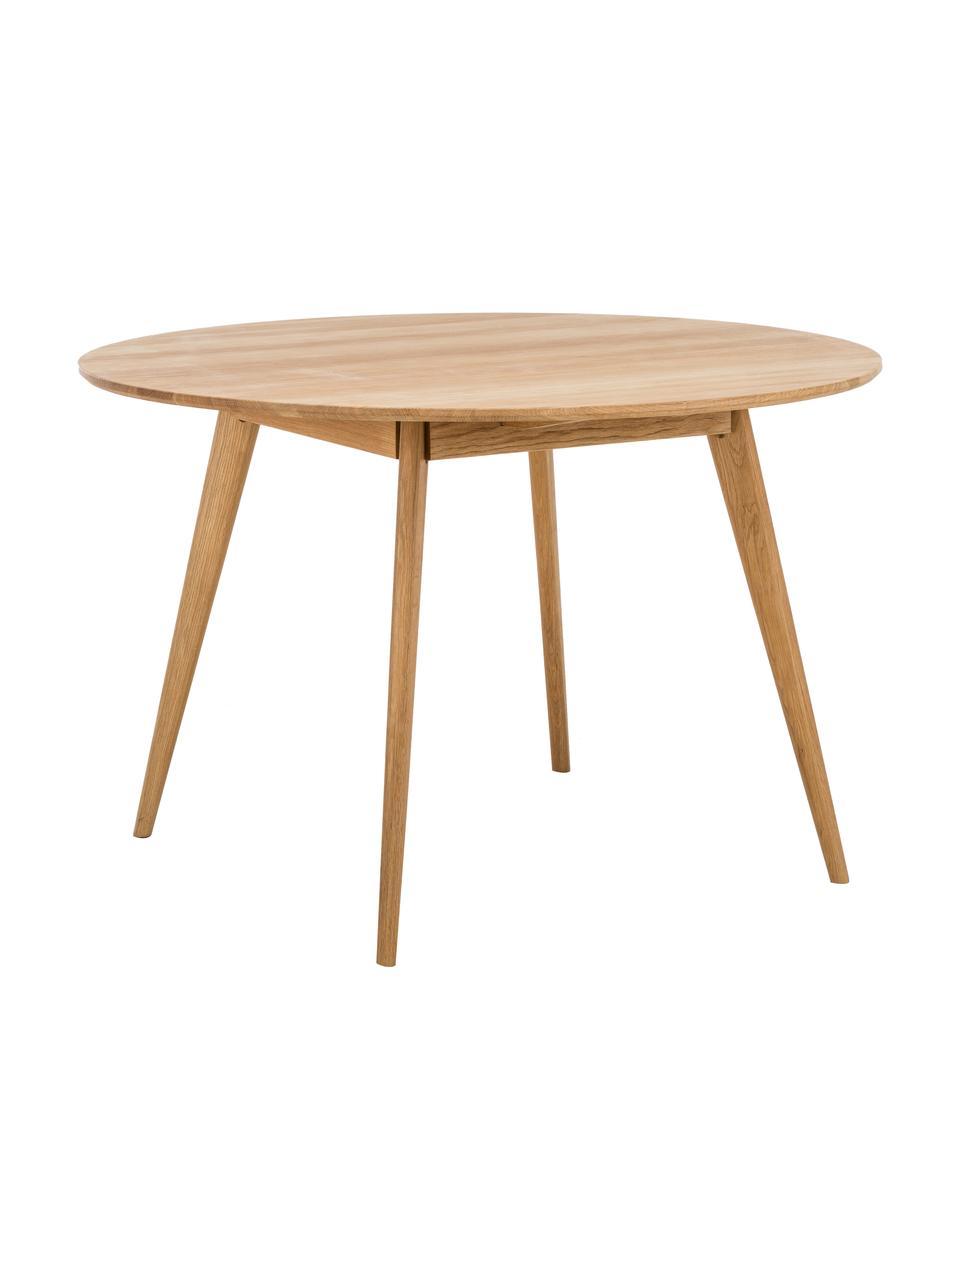 Table ronde en bois Yumi, Bois de chêne